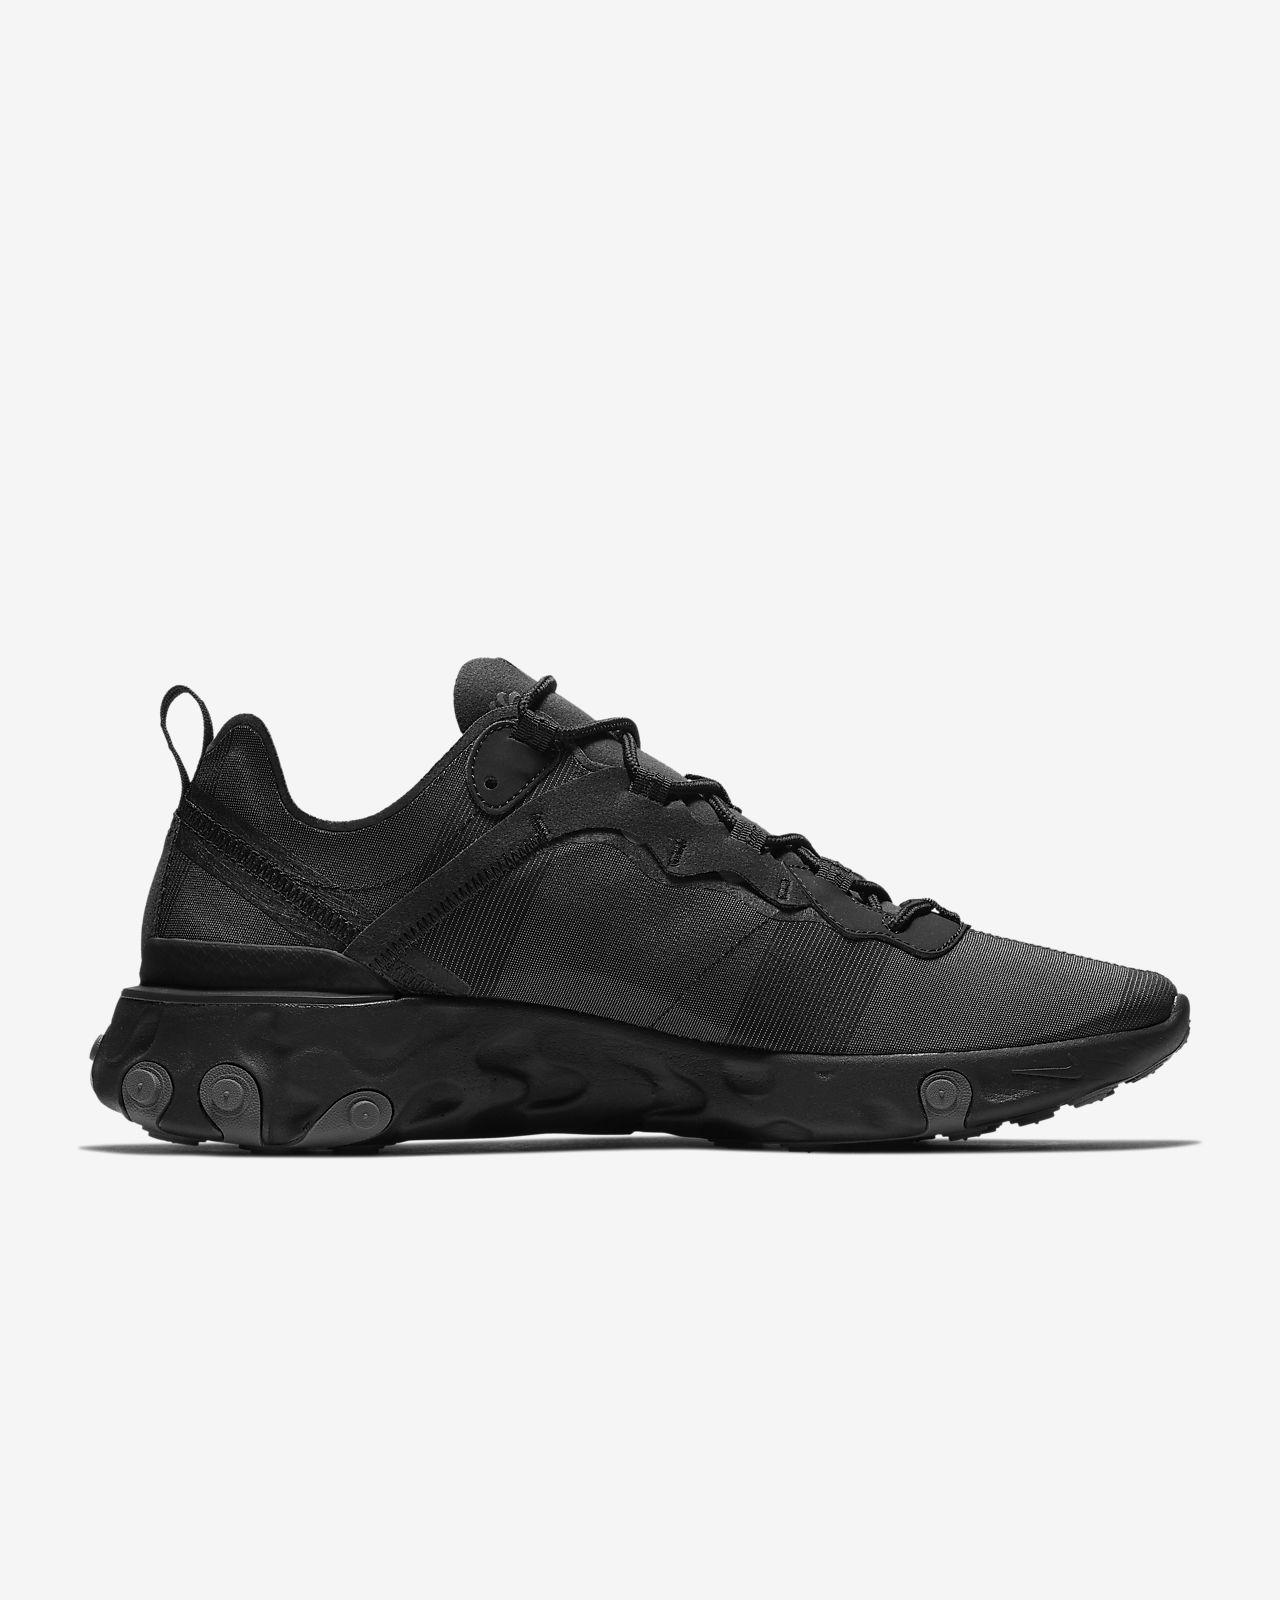 Nike schoenen Maat 19 kopen? | BESLIST.nl | Lage prijs